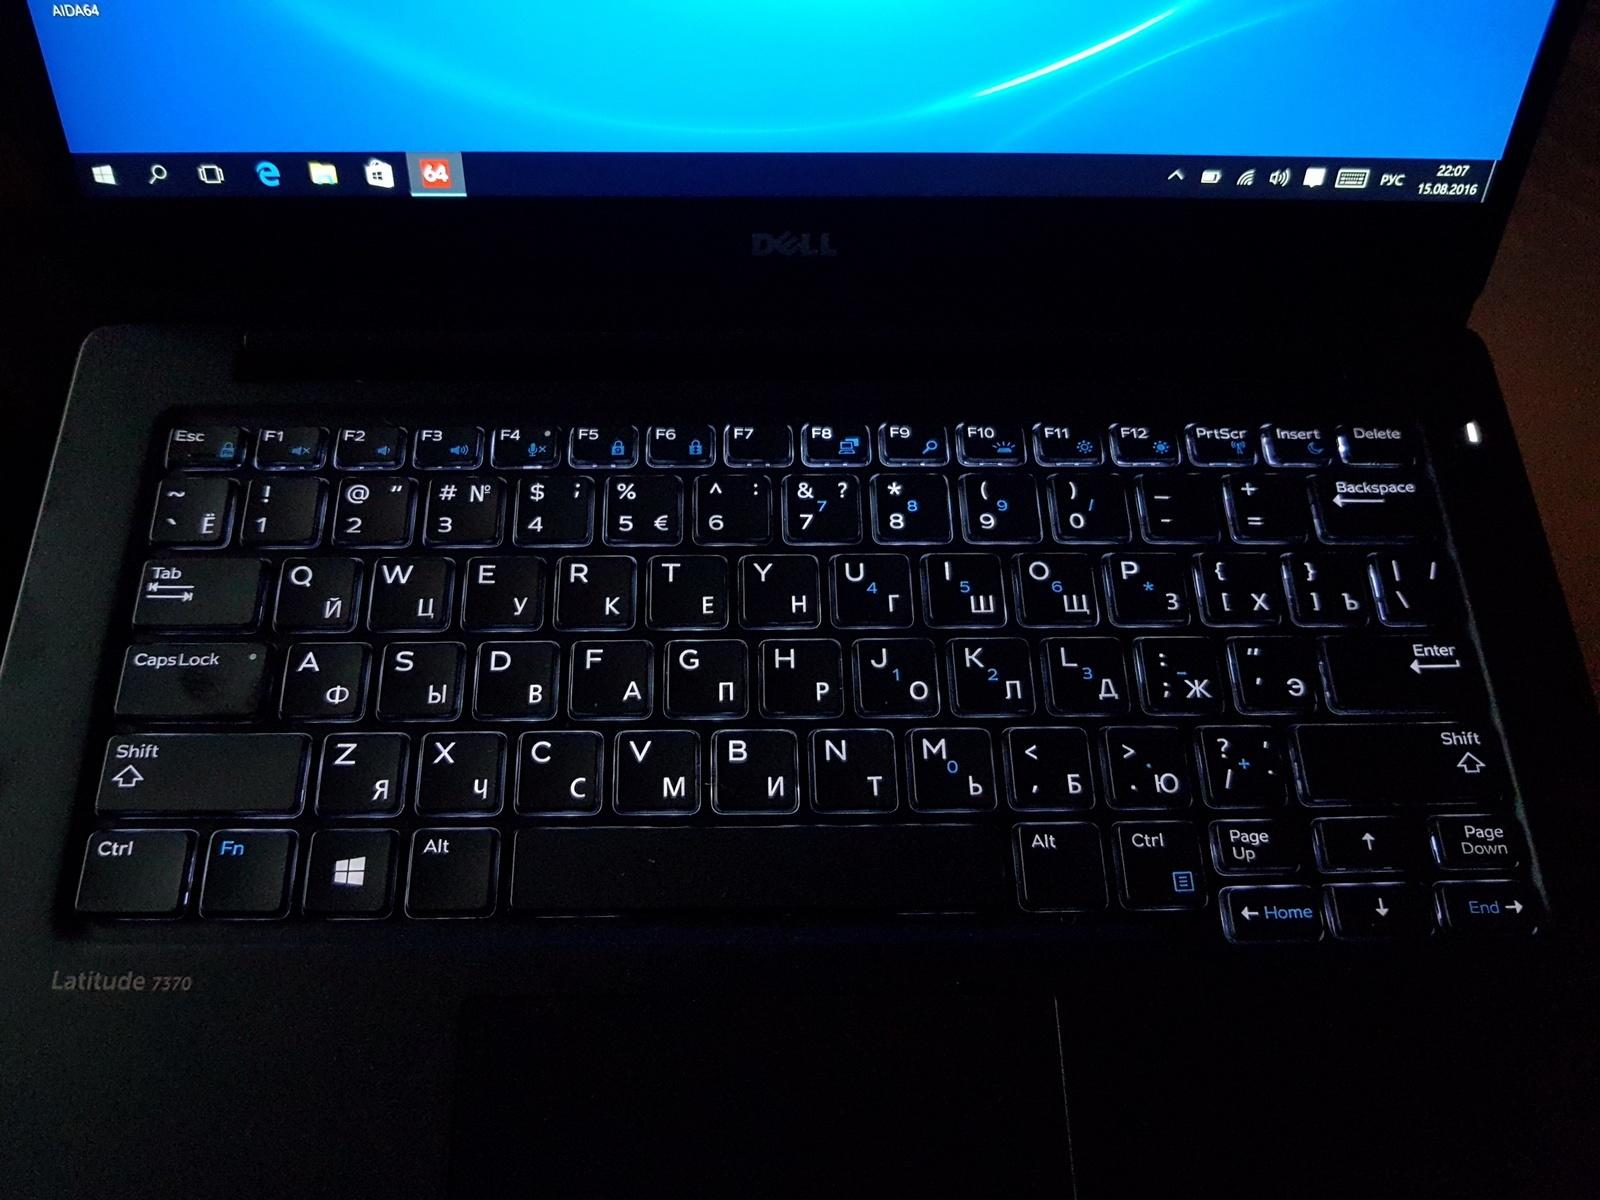 Обзор ультрабука Dell Latitude 13 (7370): Без шума, пыли и сомнений - 12